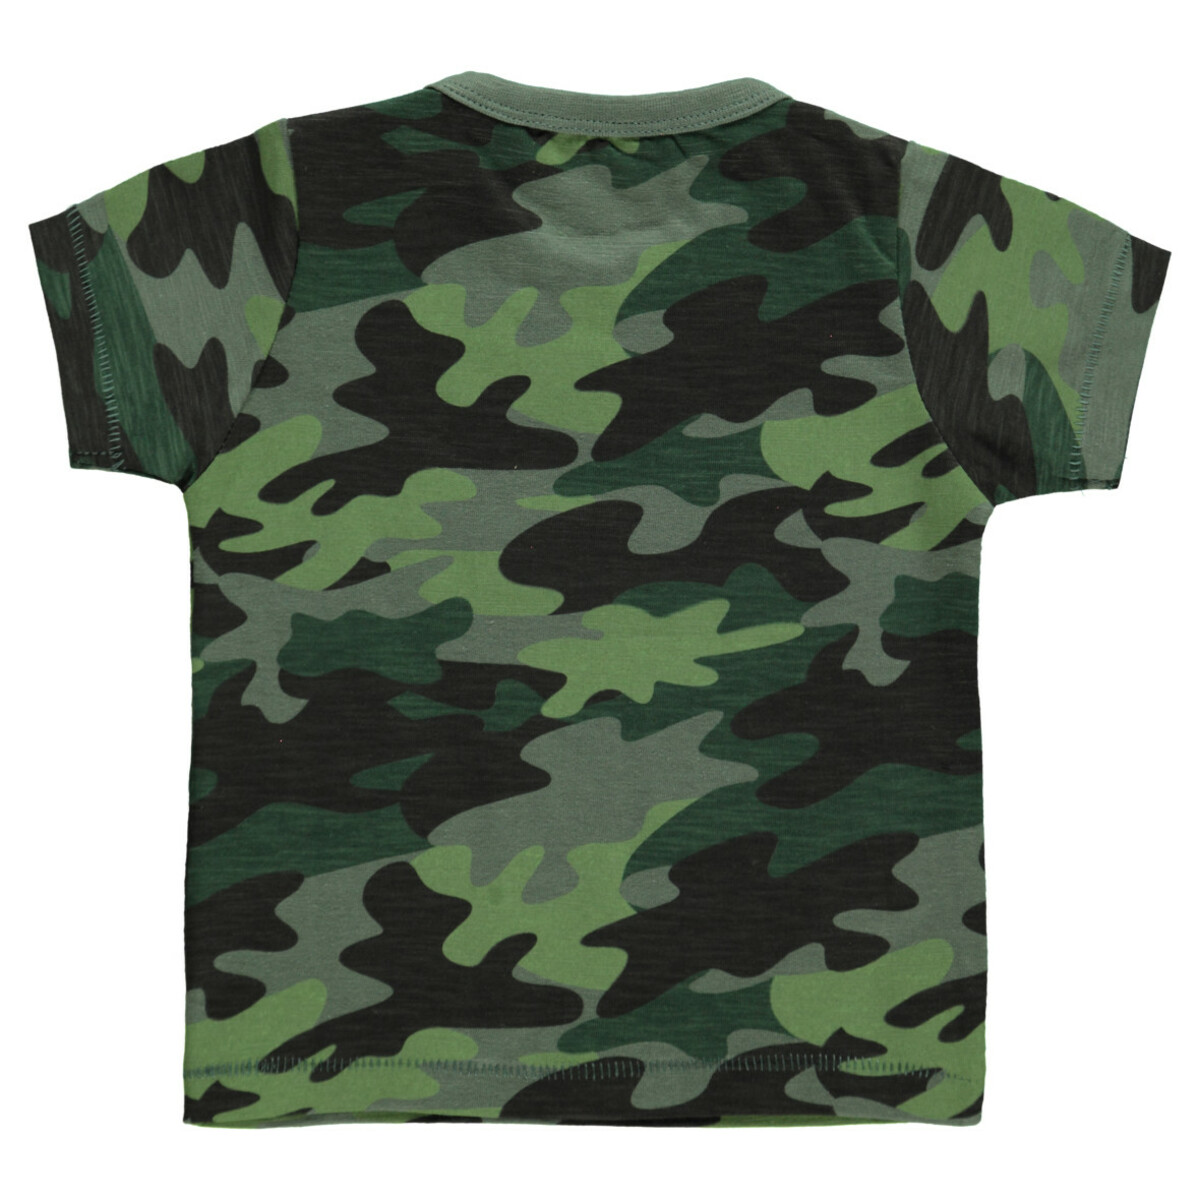 Bild 2 von Jungen T-Shirt in Camouflageoptik